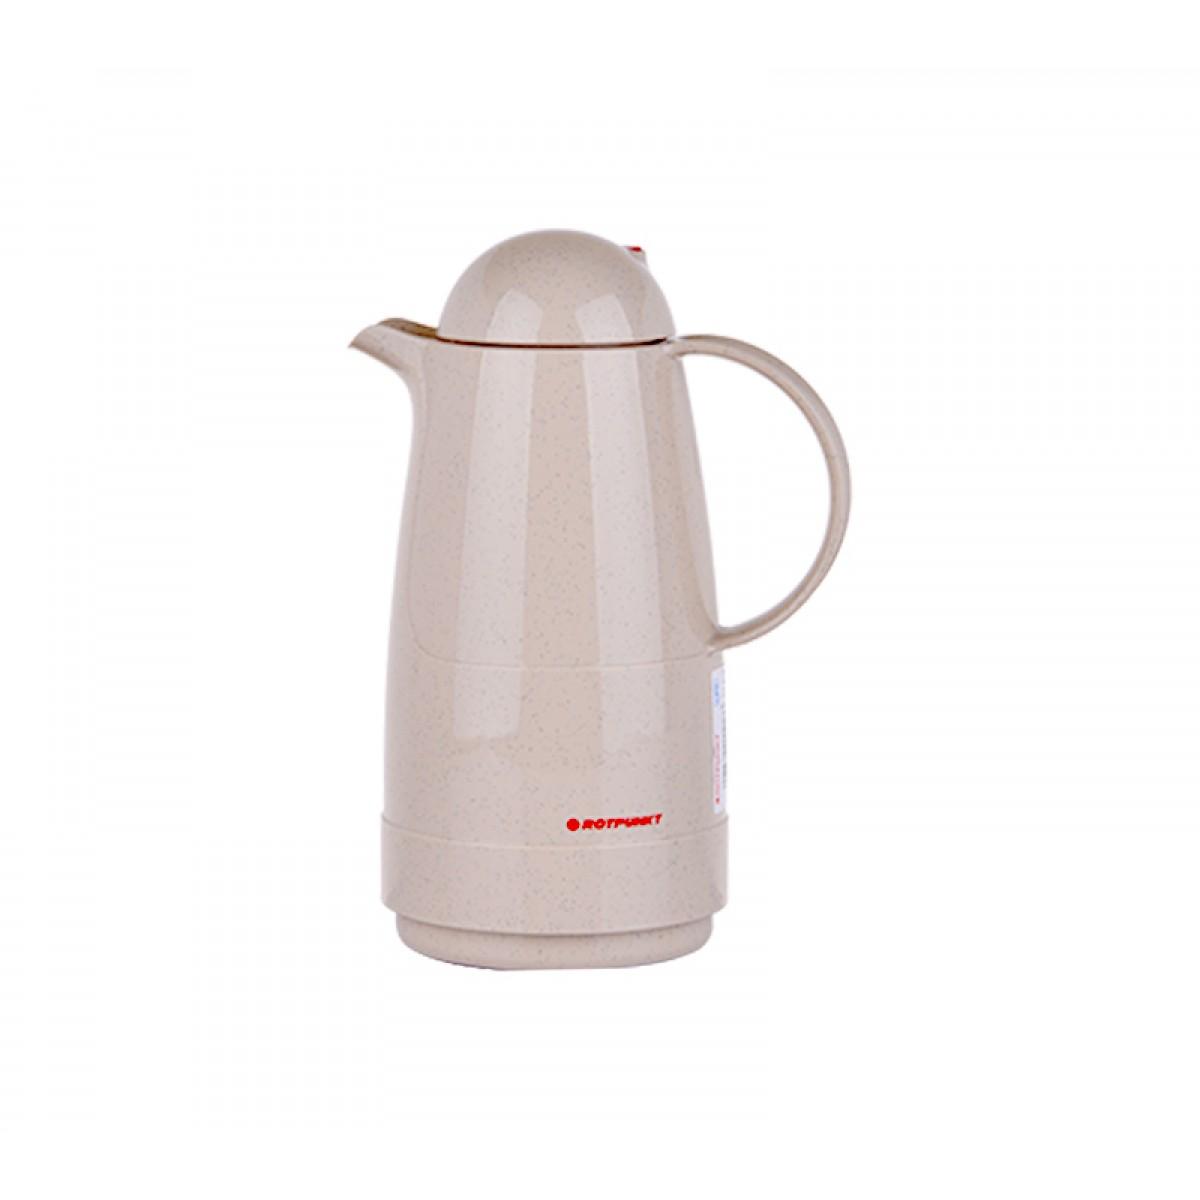 روتبونت ترمس شاي وقهوة بلاستيك الماني ,0.5 لتر ,الوان